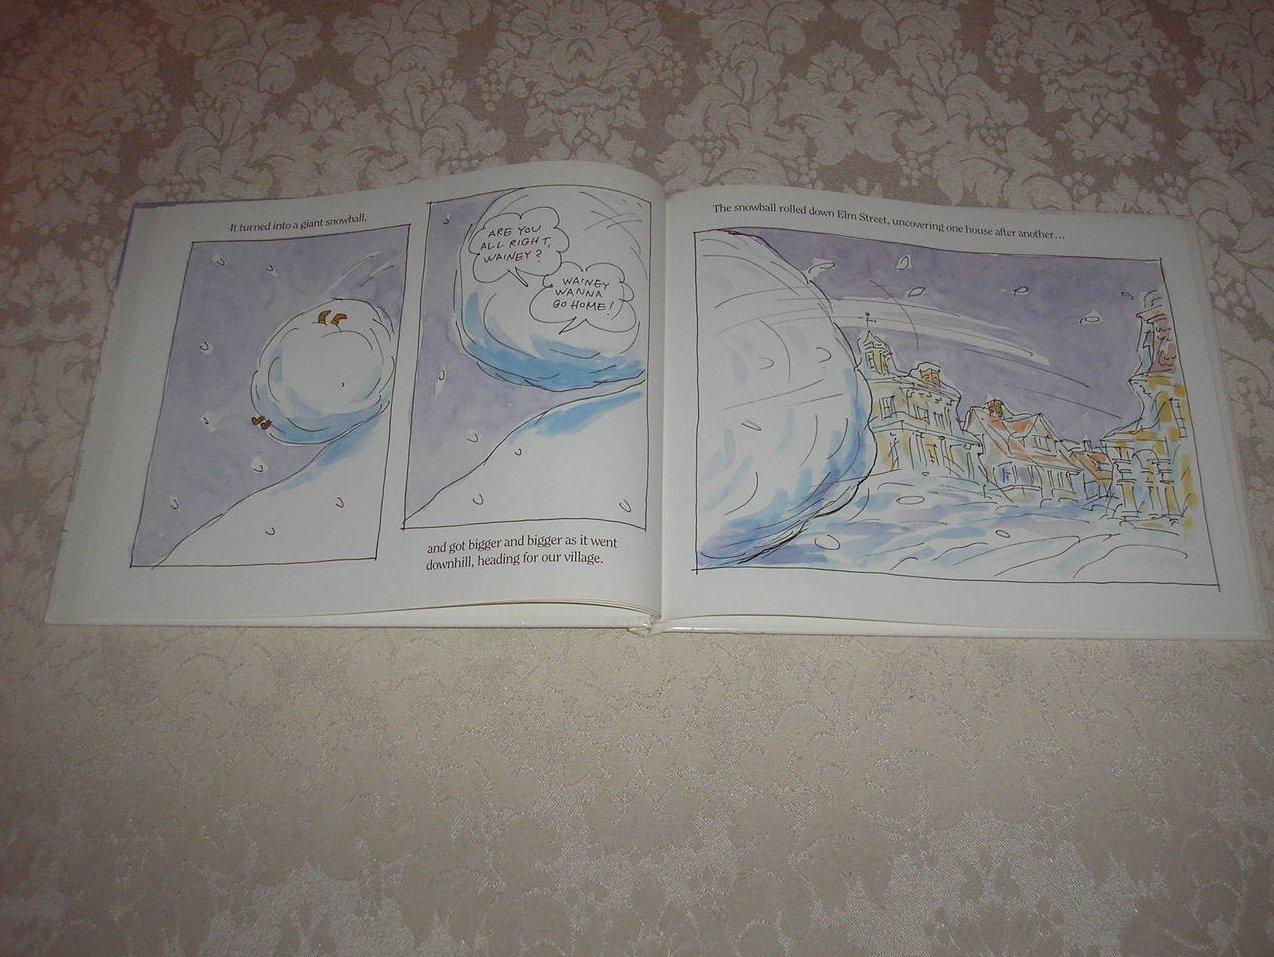 Image 3 of  BRRR! James Stevenson Very Good Hardcover